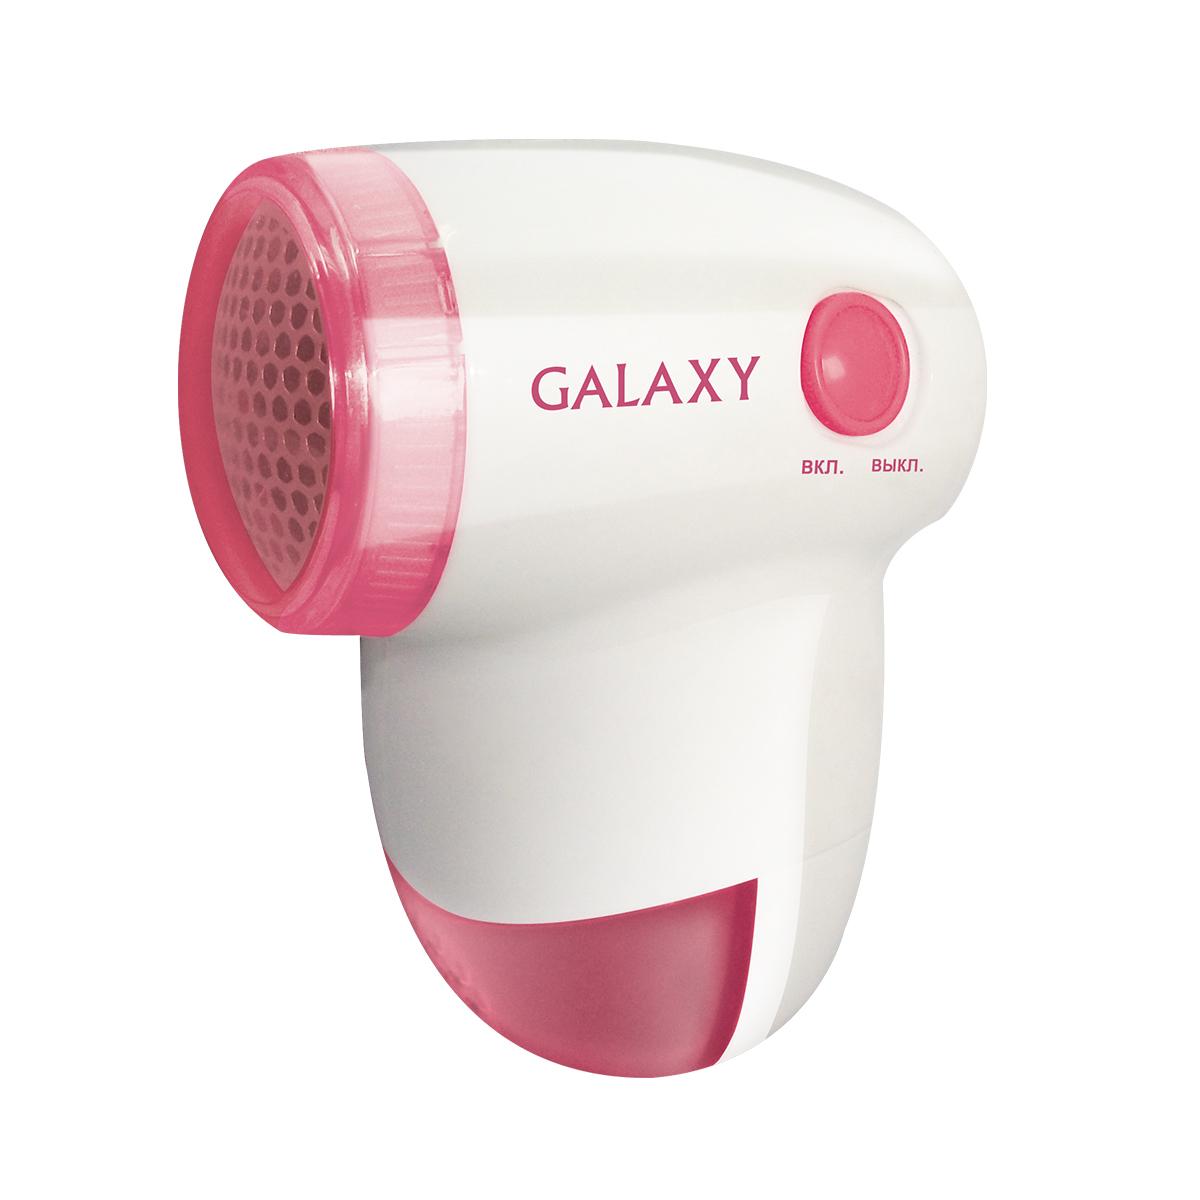 Galaxy GL 6301 миниклинерSS 4041Galaxy GL 6301 - компактная машинка для удаления катышков. Прибор имеет прозрачный съемный контейнер и защитную крышку. Благодаря эргономичной форме машинка удобно ложится в руку. Металлическая сетка из материала с антикоррозийным покрытием надежно захватывает узелки и ворс, которые со временем образуются на ткани. Galaxy GL 6301 питается от стандартных батареек АА. Данную модель можно брать с собой в путешествие, поскольку компактный размер позволяет хранить его в небольшом кармане дорожной сумки.Питание: 2 батарейки типа АА (в комплект не входят)Стальные лезвия